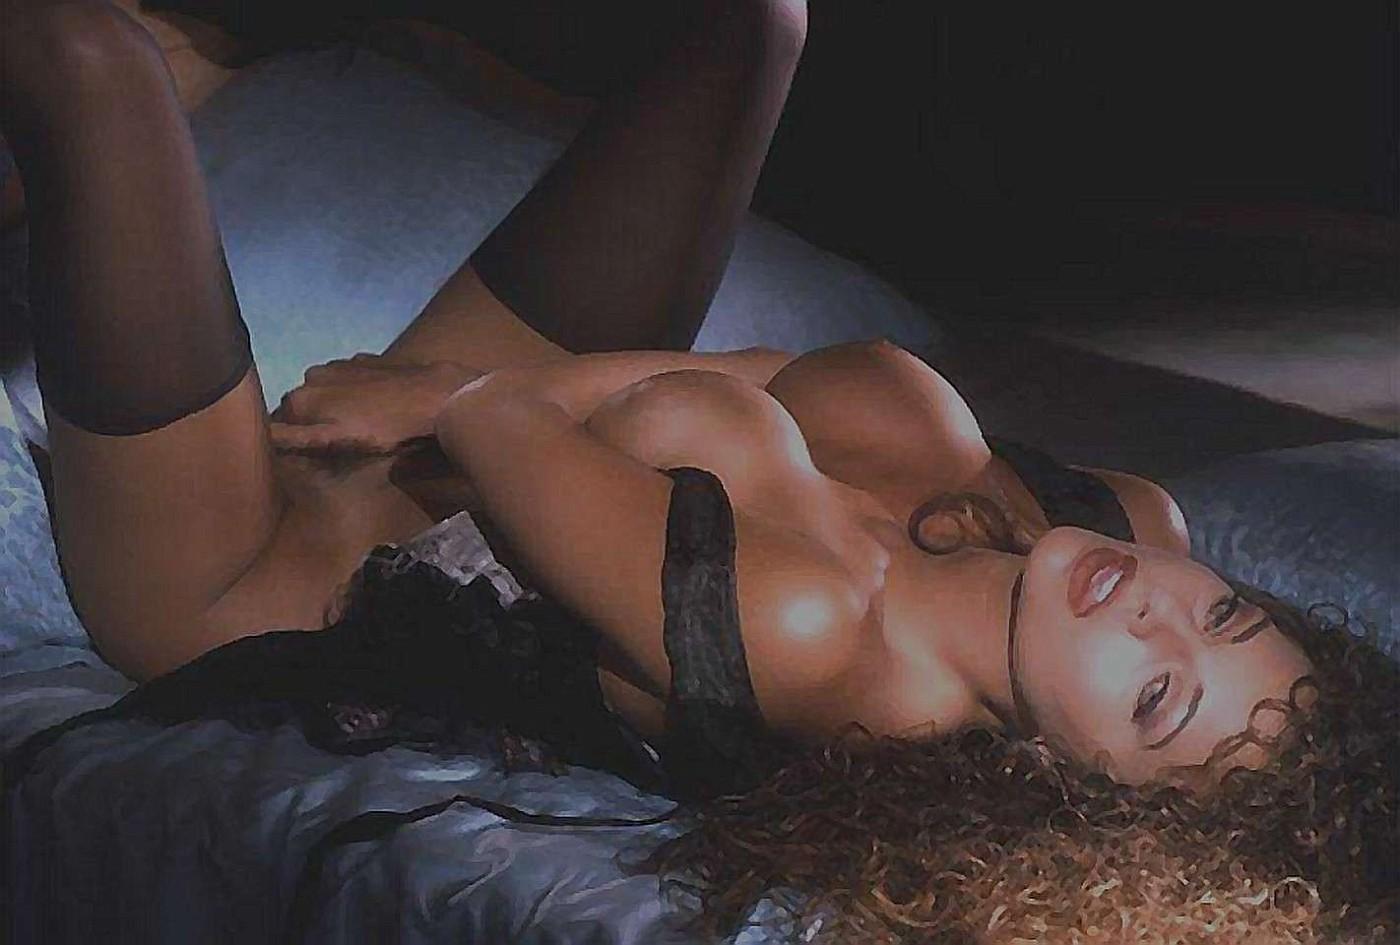 Эротика самый лучший день смотреть онлайн, Самые популярные видео за сегодня 8 фотография